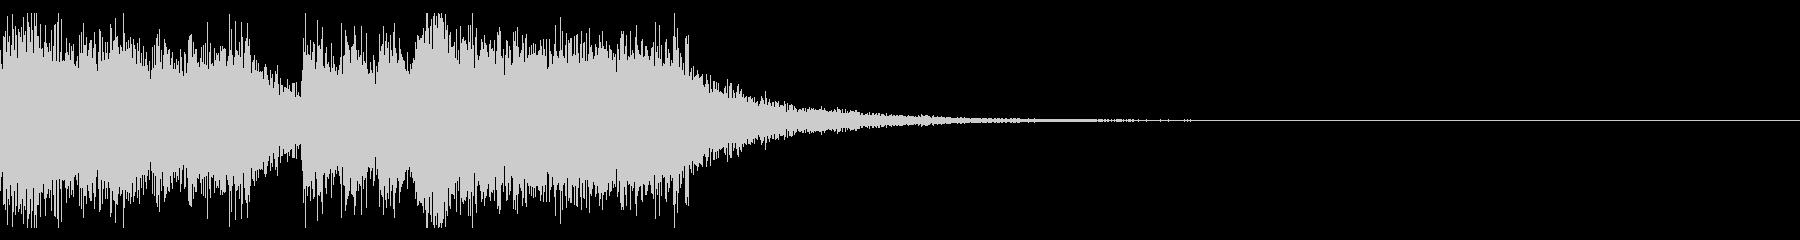 ファンファーレの定番といえばこの音の未再生の波形